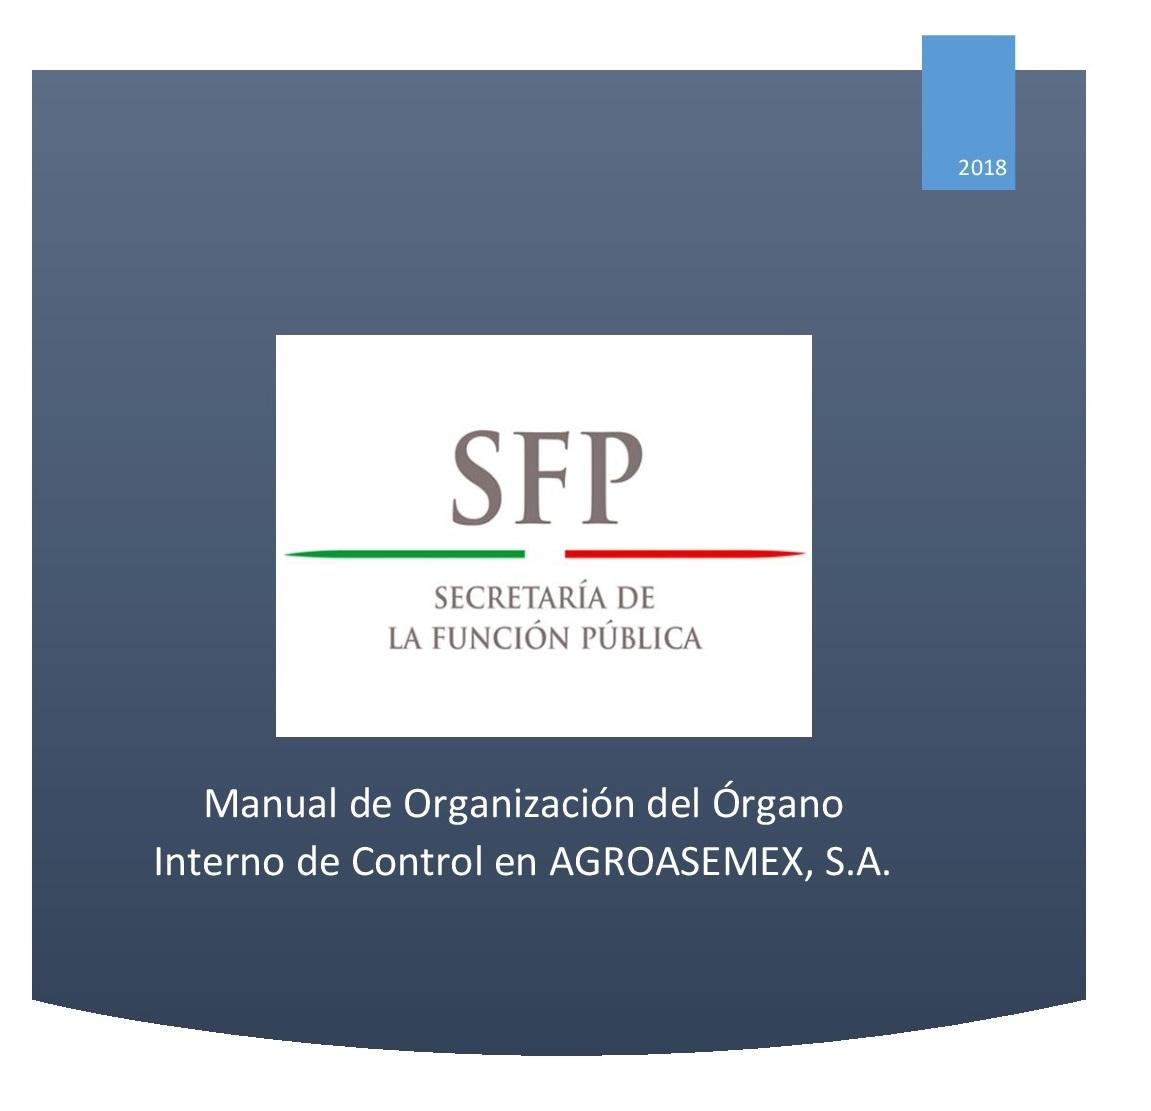 manual de organizacion del organo interno de control